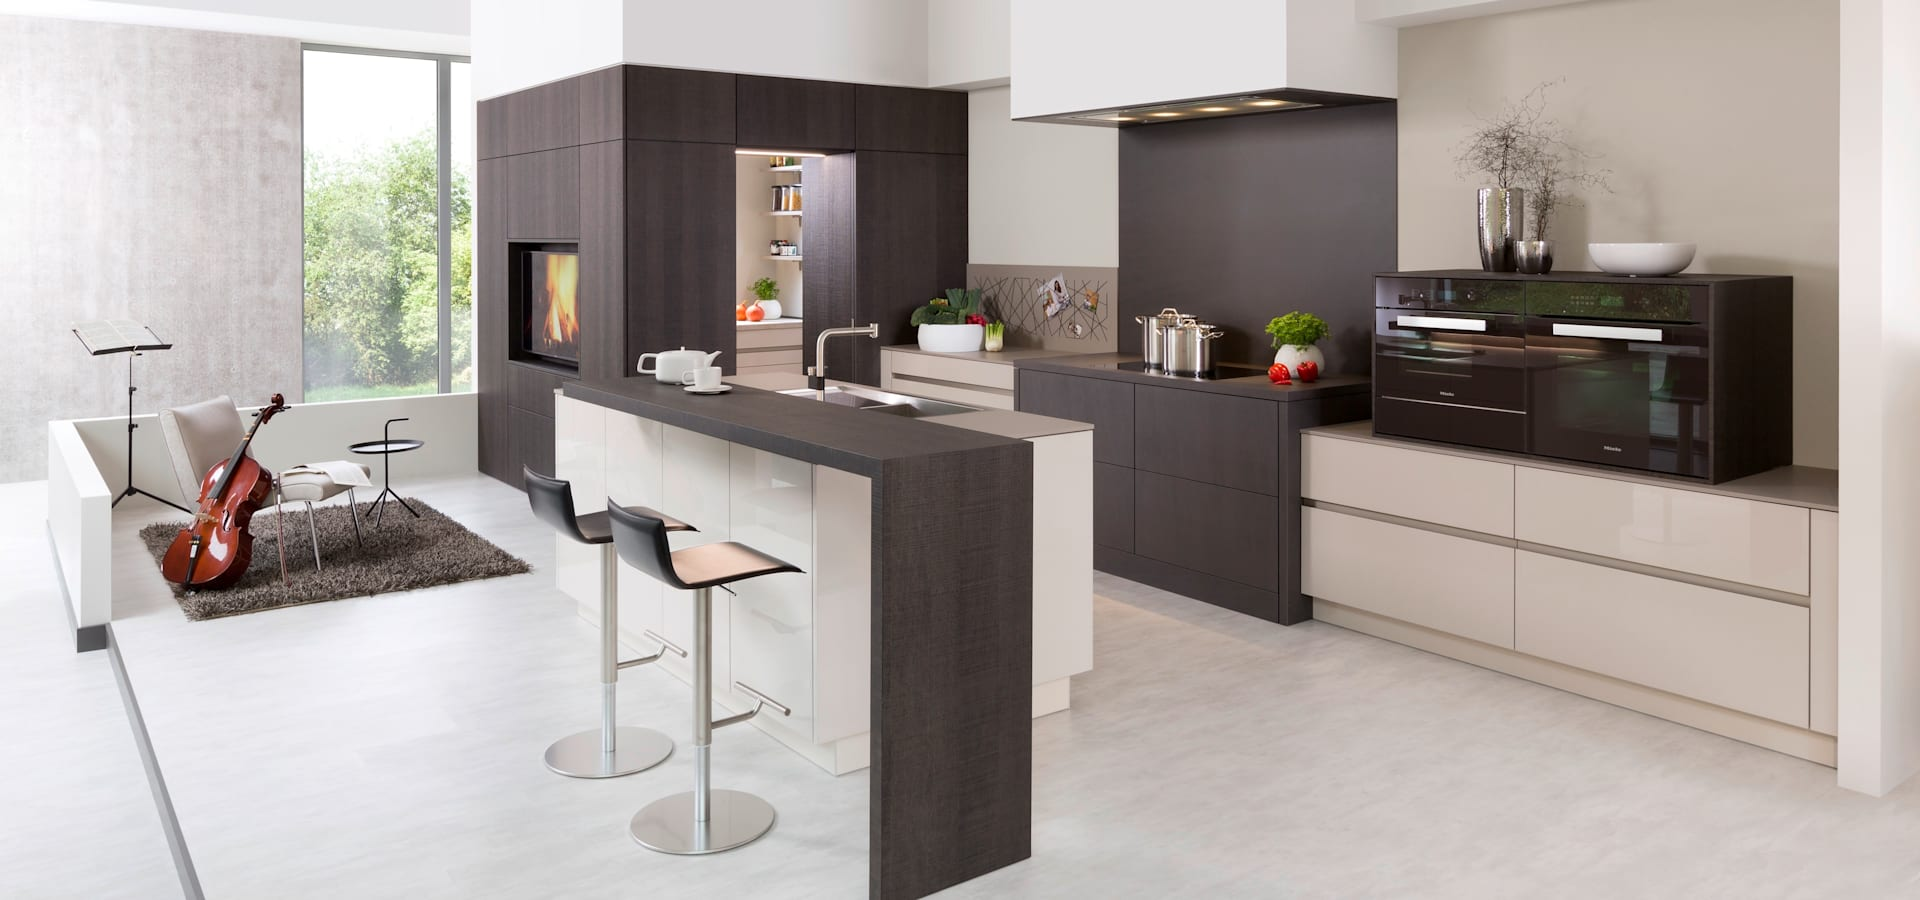 Brilliant Küchen Duisburg: Ideas